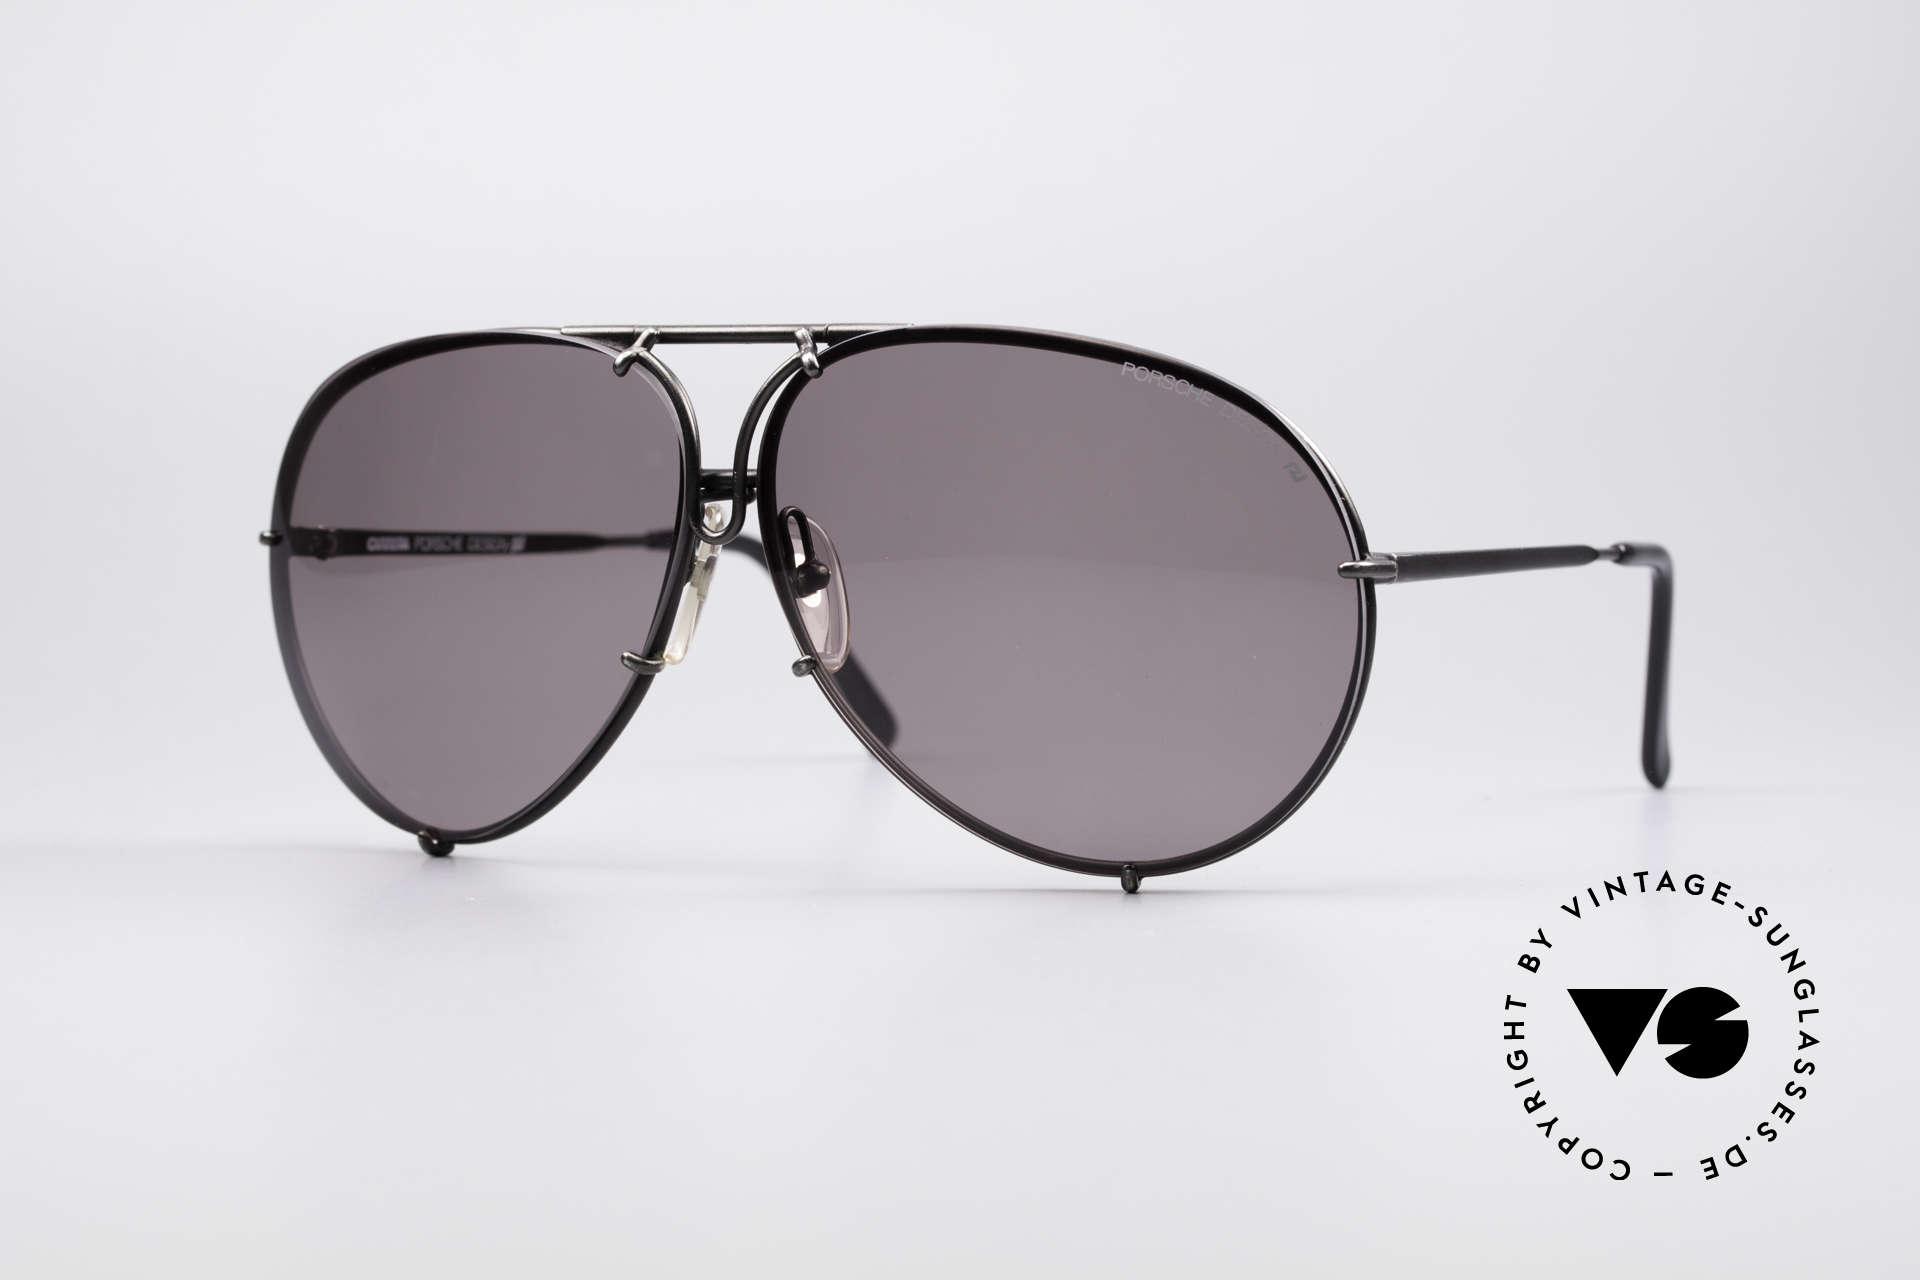 Porsche 5621 Seltene 80er XL Pilotenbrille, orange Gläser mit kleinen Kratzern; Rest tadellos!, Passend für Herren